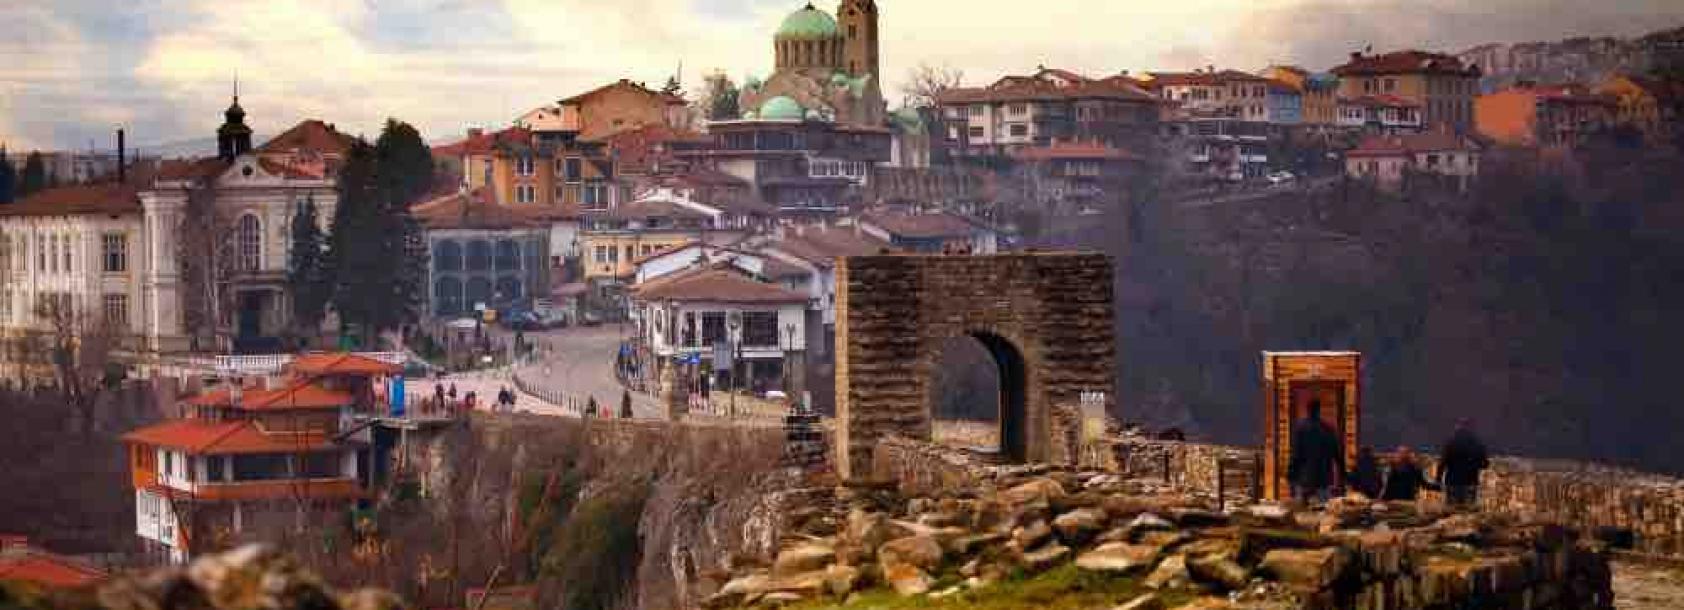 Bulgaria_Veliko Tarnovo